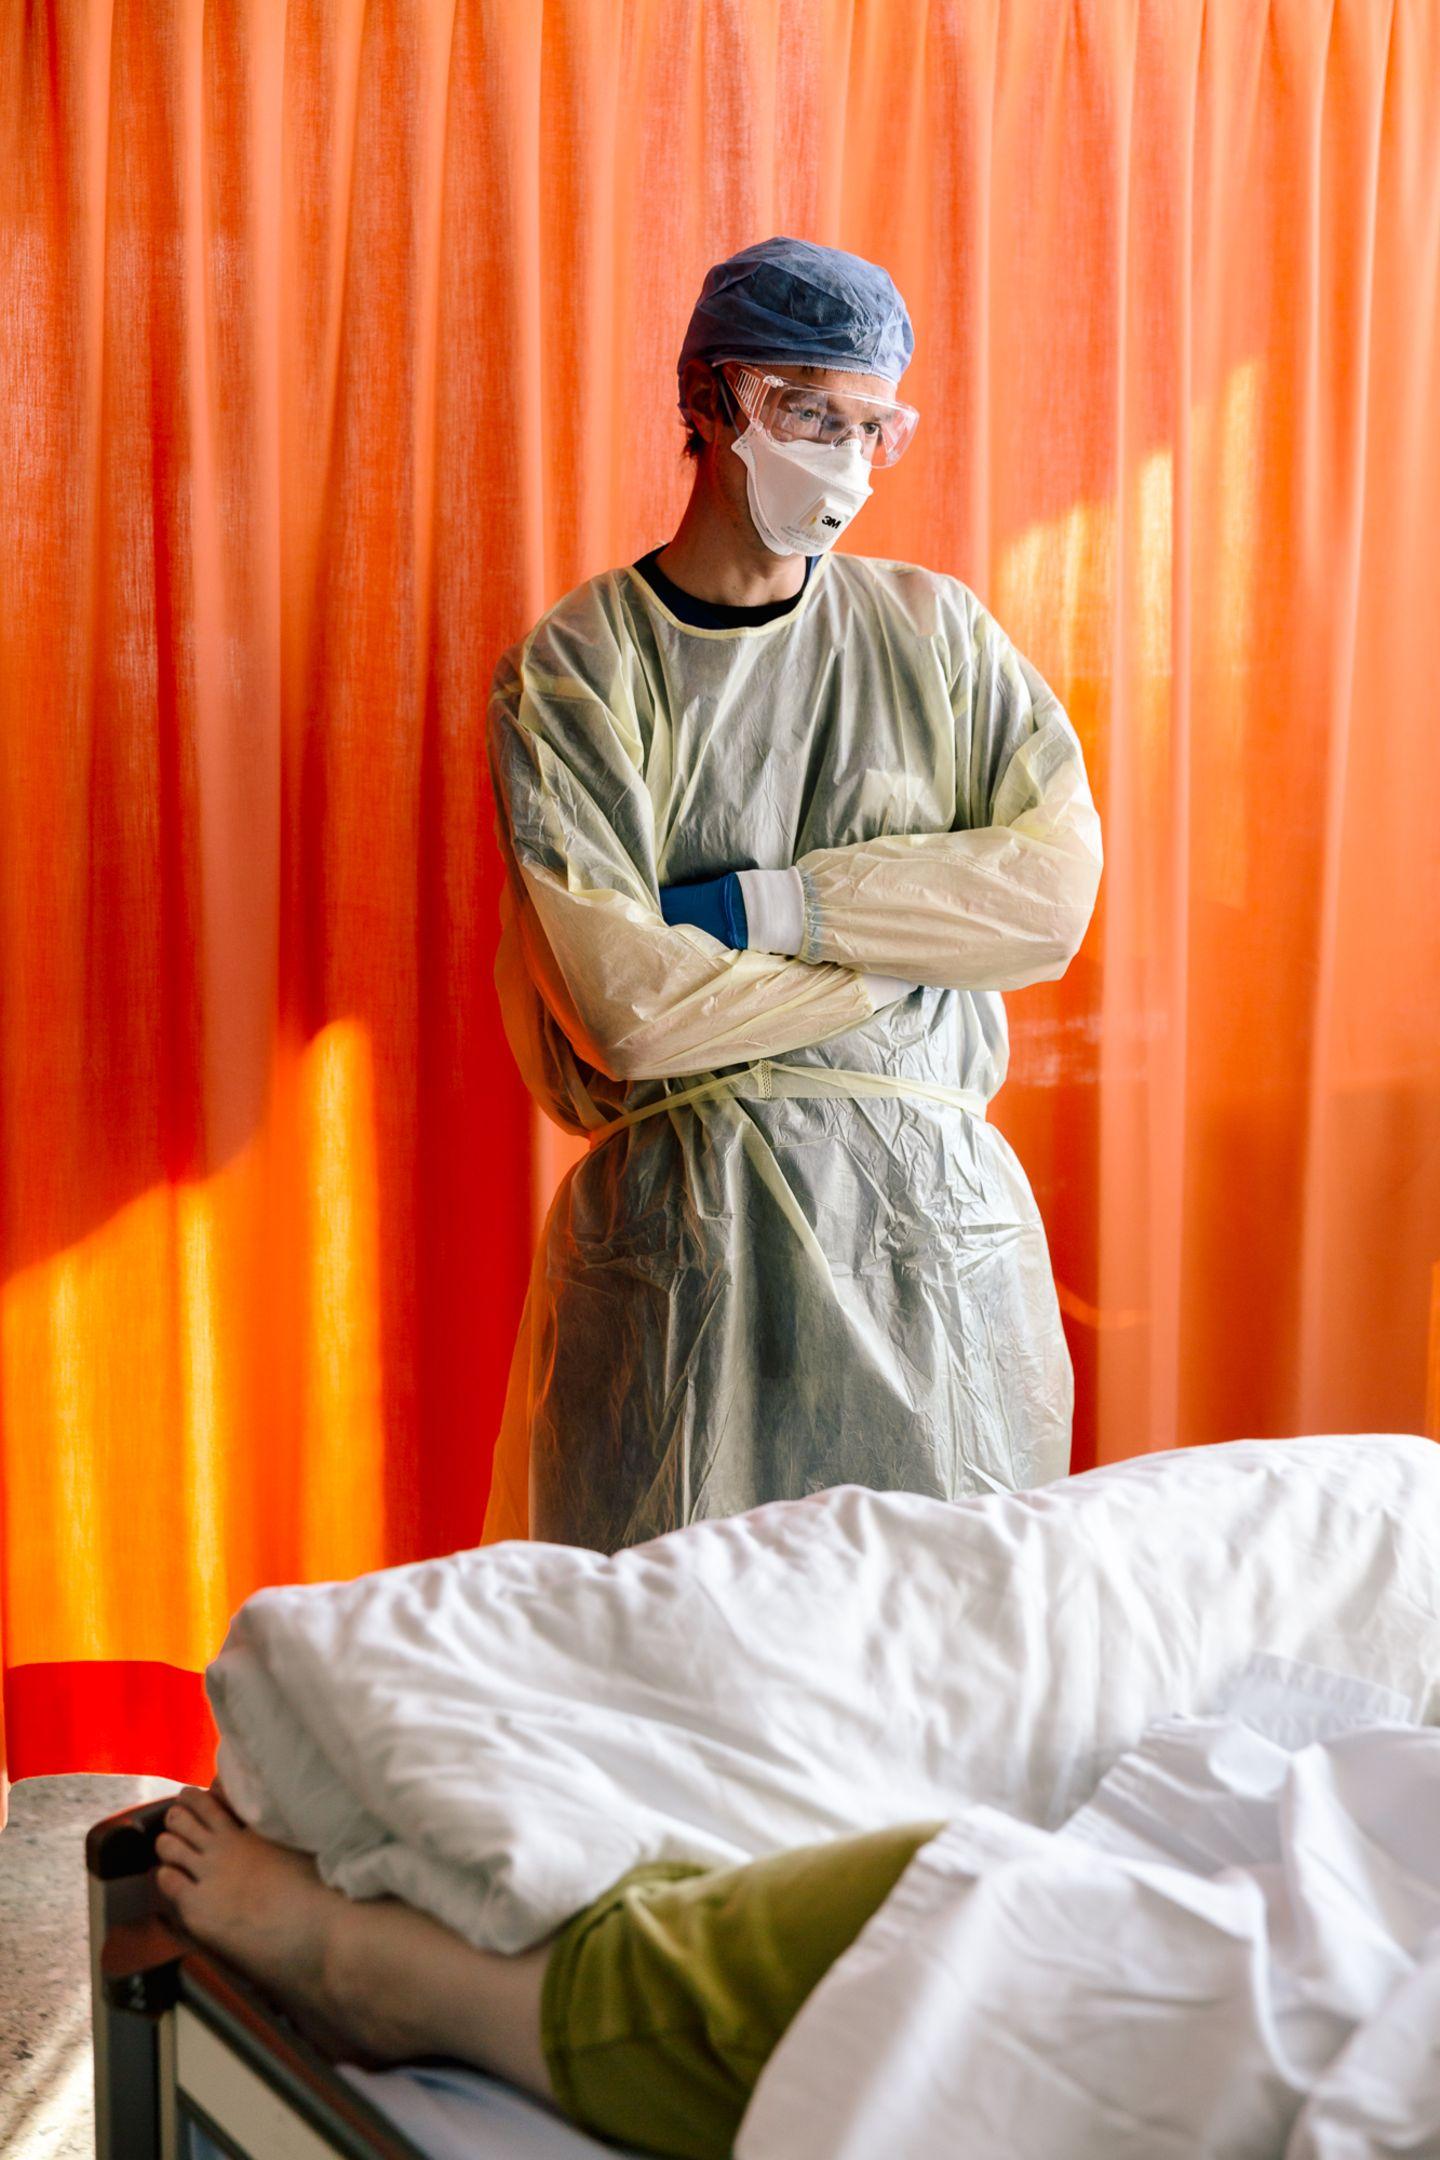 Ein Arzt steht am Bett einer Covid-Patientin mit schwerer Atemnot